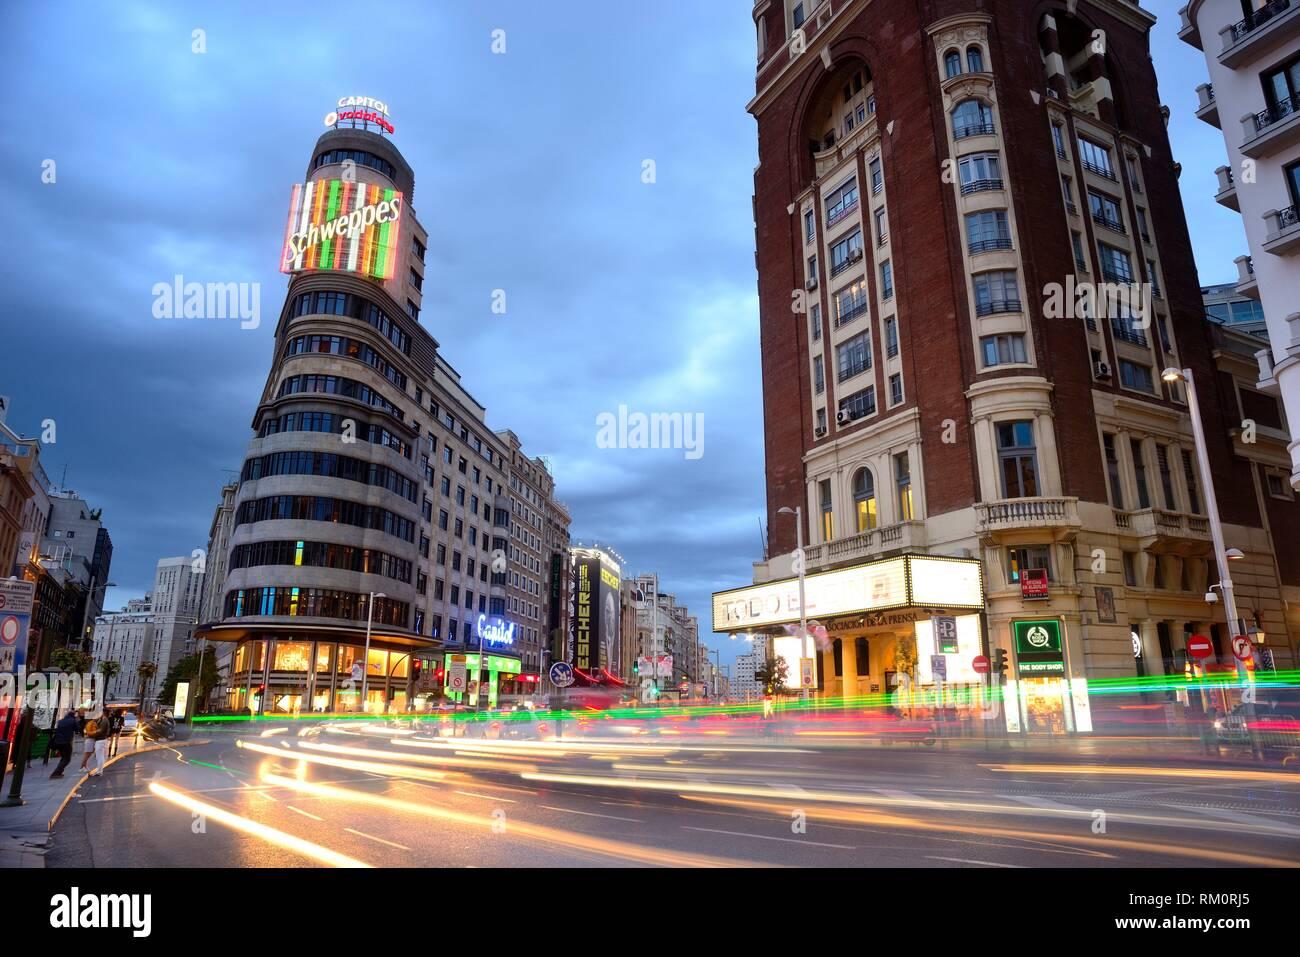 Edifici in Gran Via, Madrid, Spagna. Immagini Stock